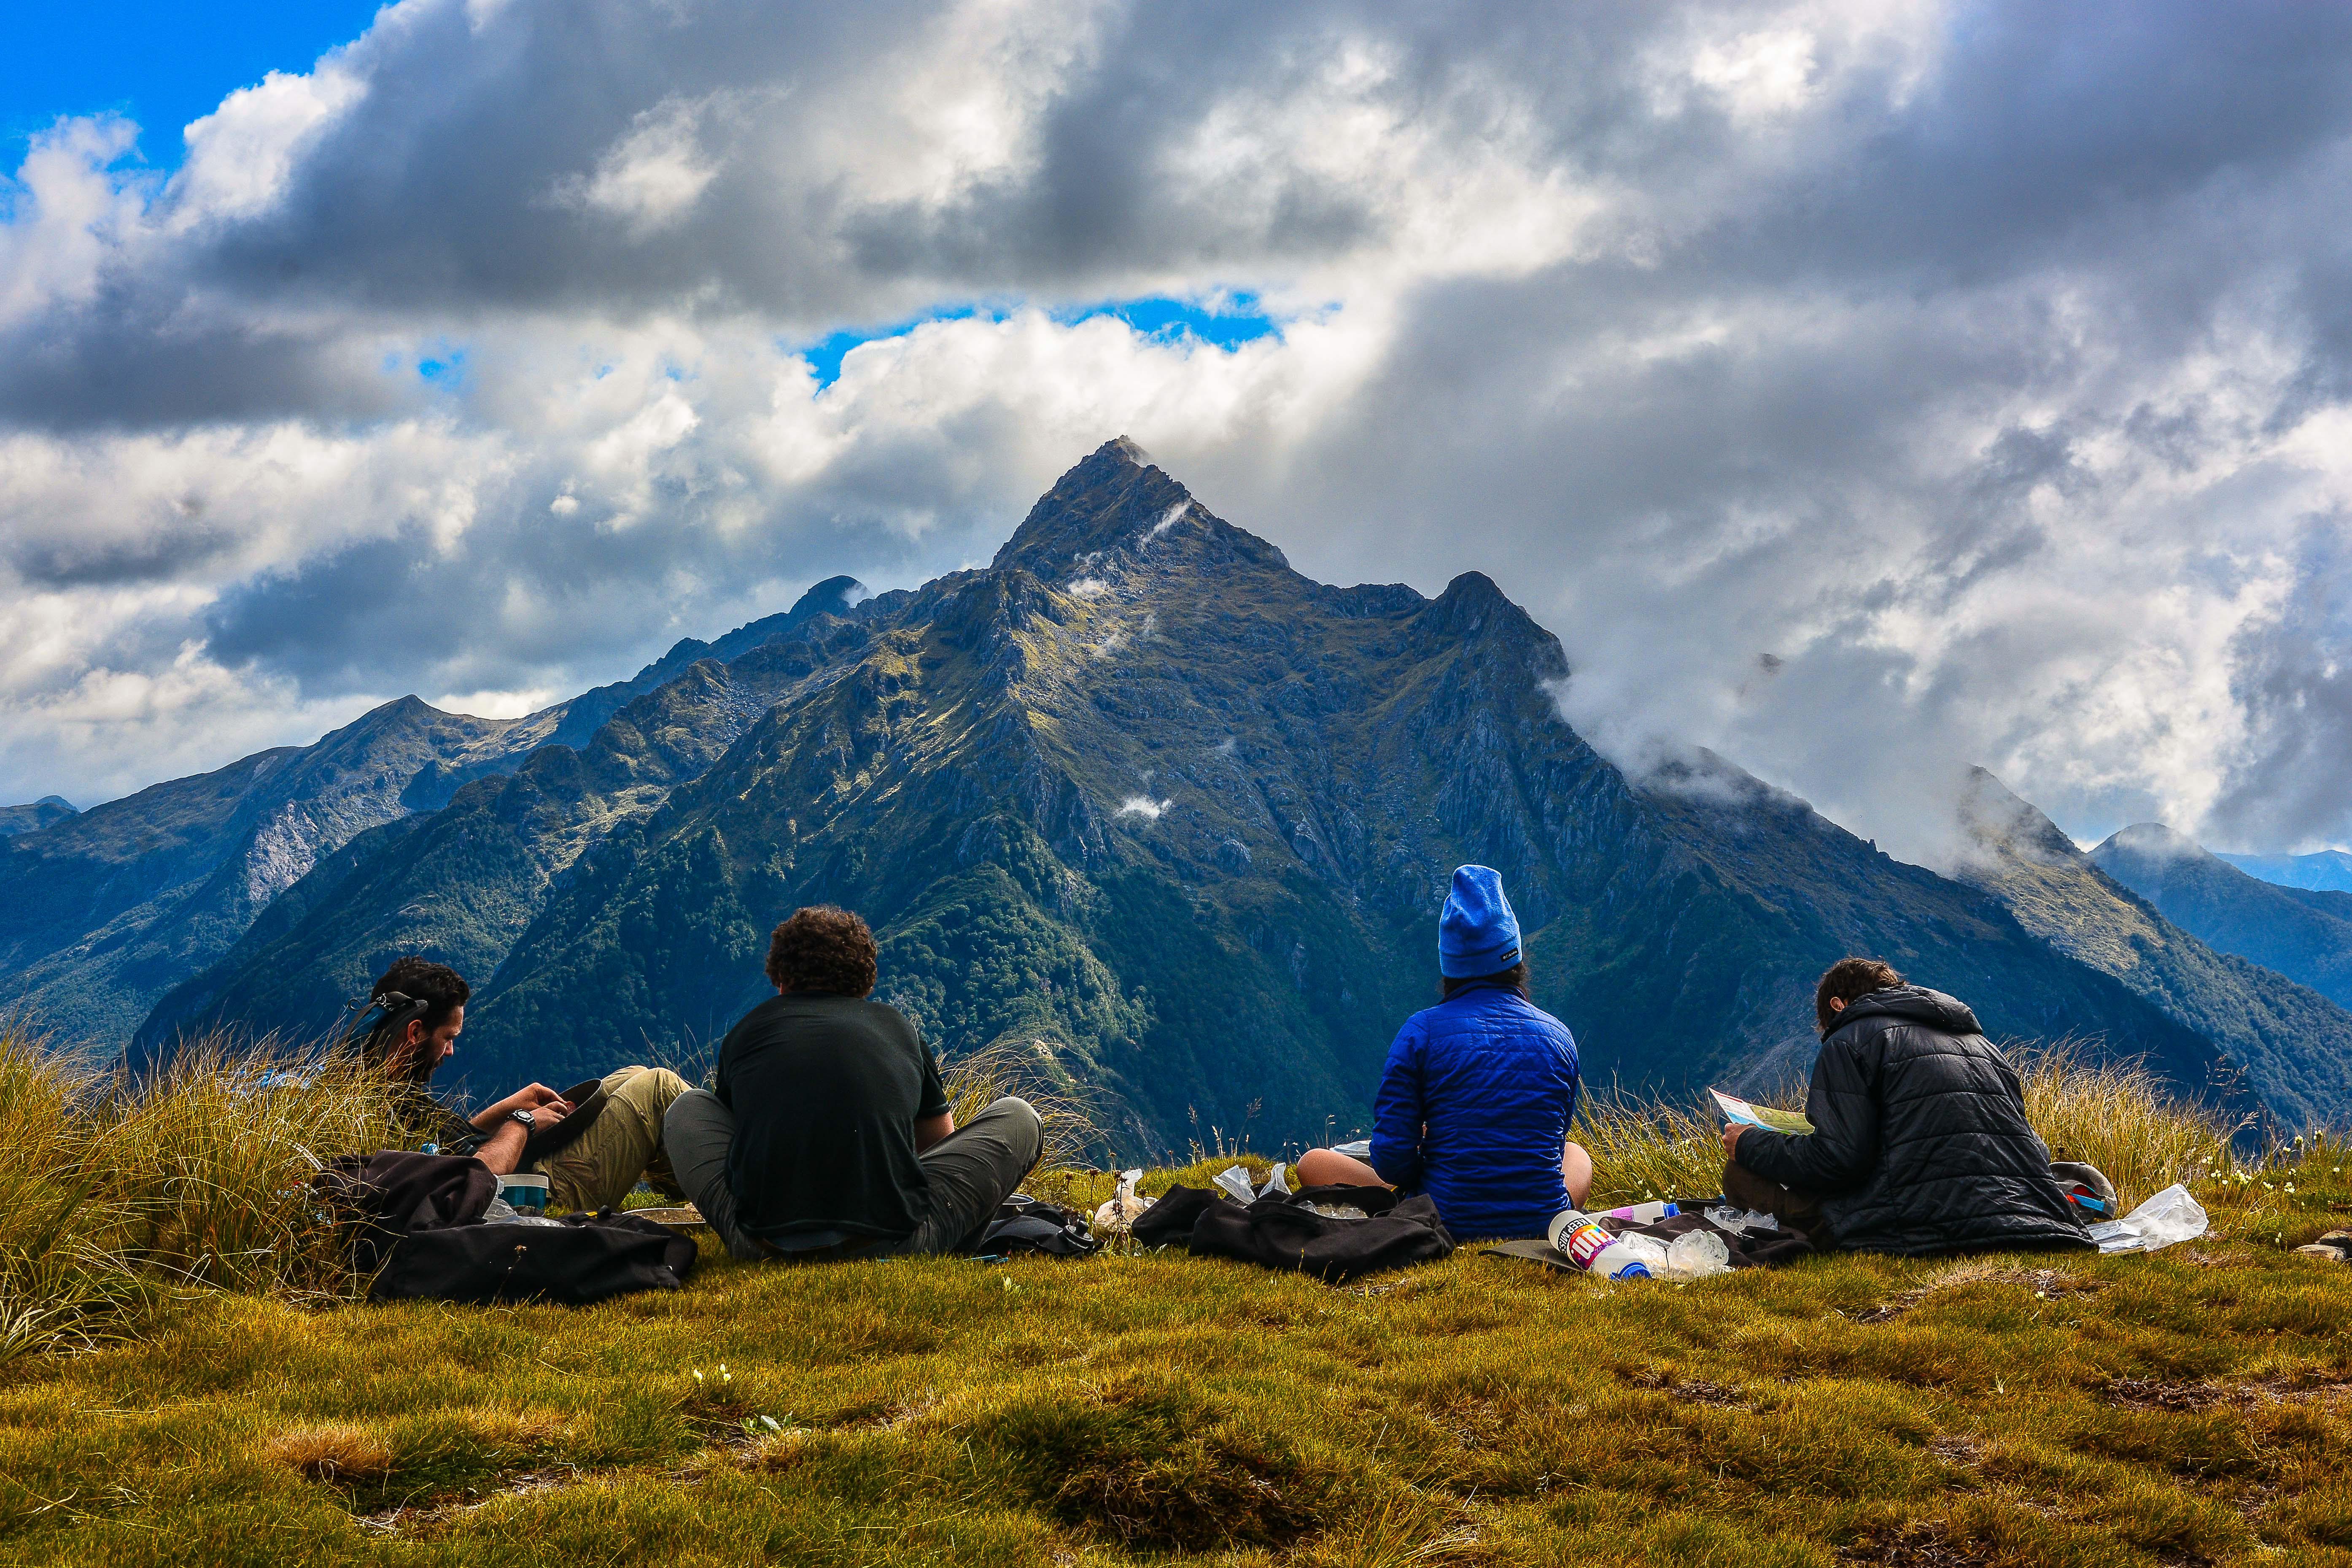 Summer Program - Rock Climbing | National Outdoor Leadership School (NOLS) Summer Programs for Teens